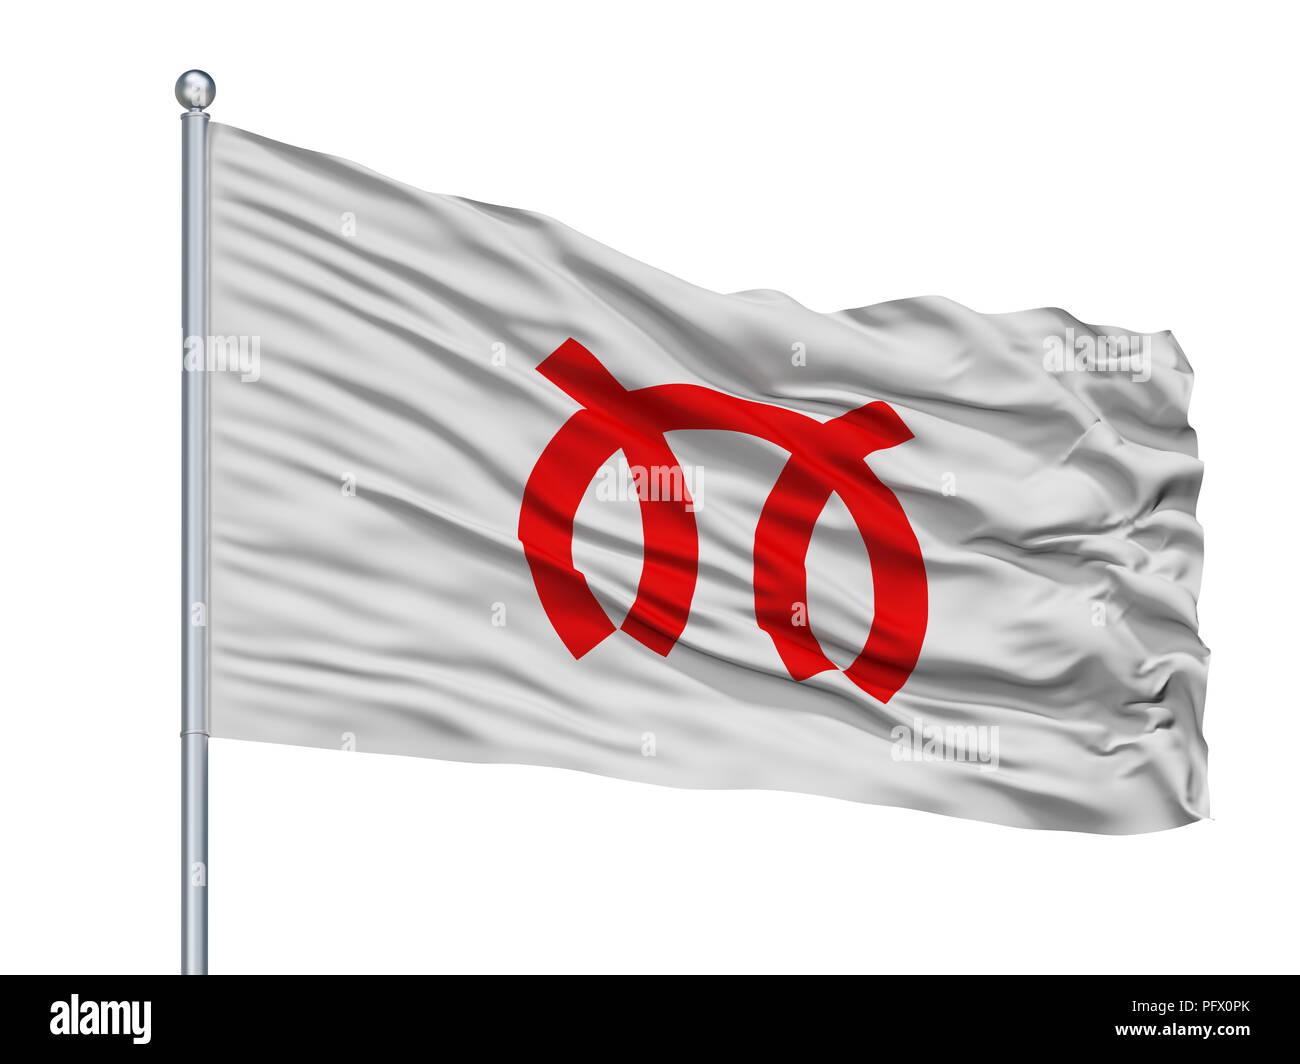 Miura City Flag On Flagpole, Japan, Kanagawa Prefecture, Isolated On White Background - Stock Image